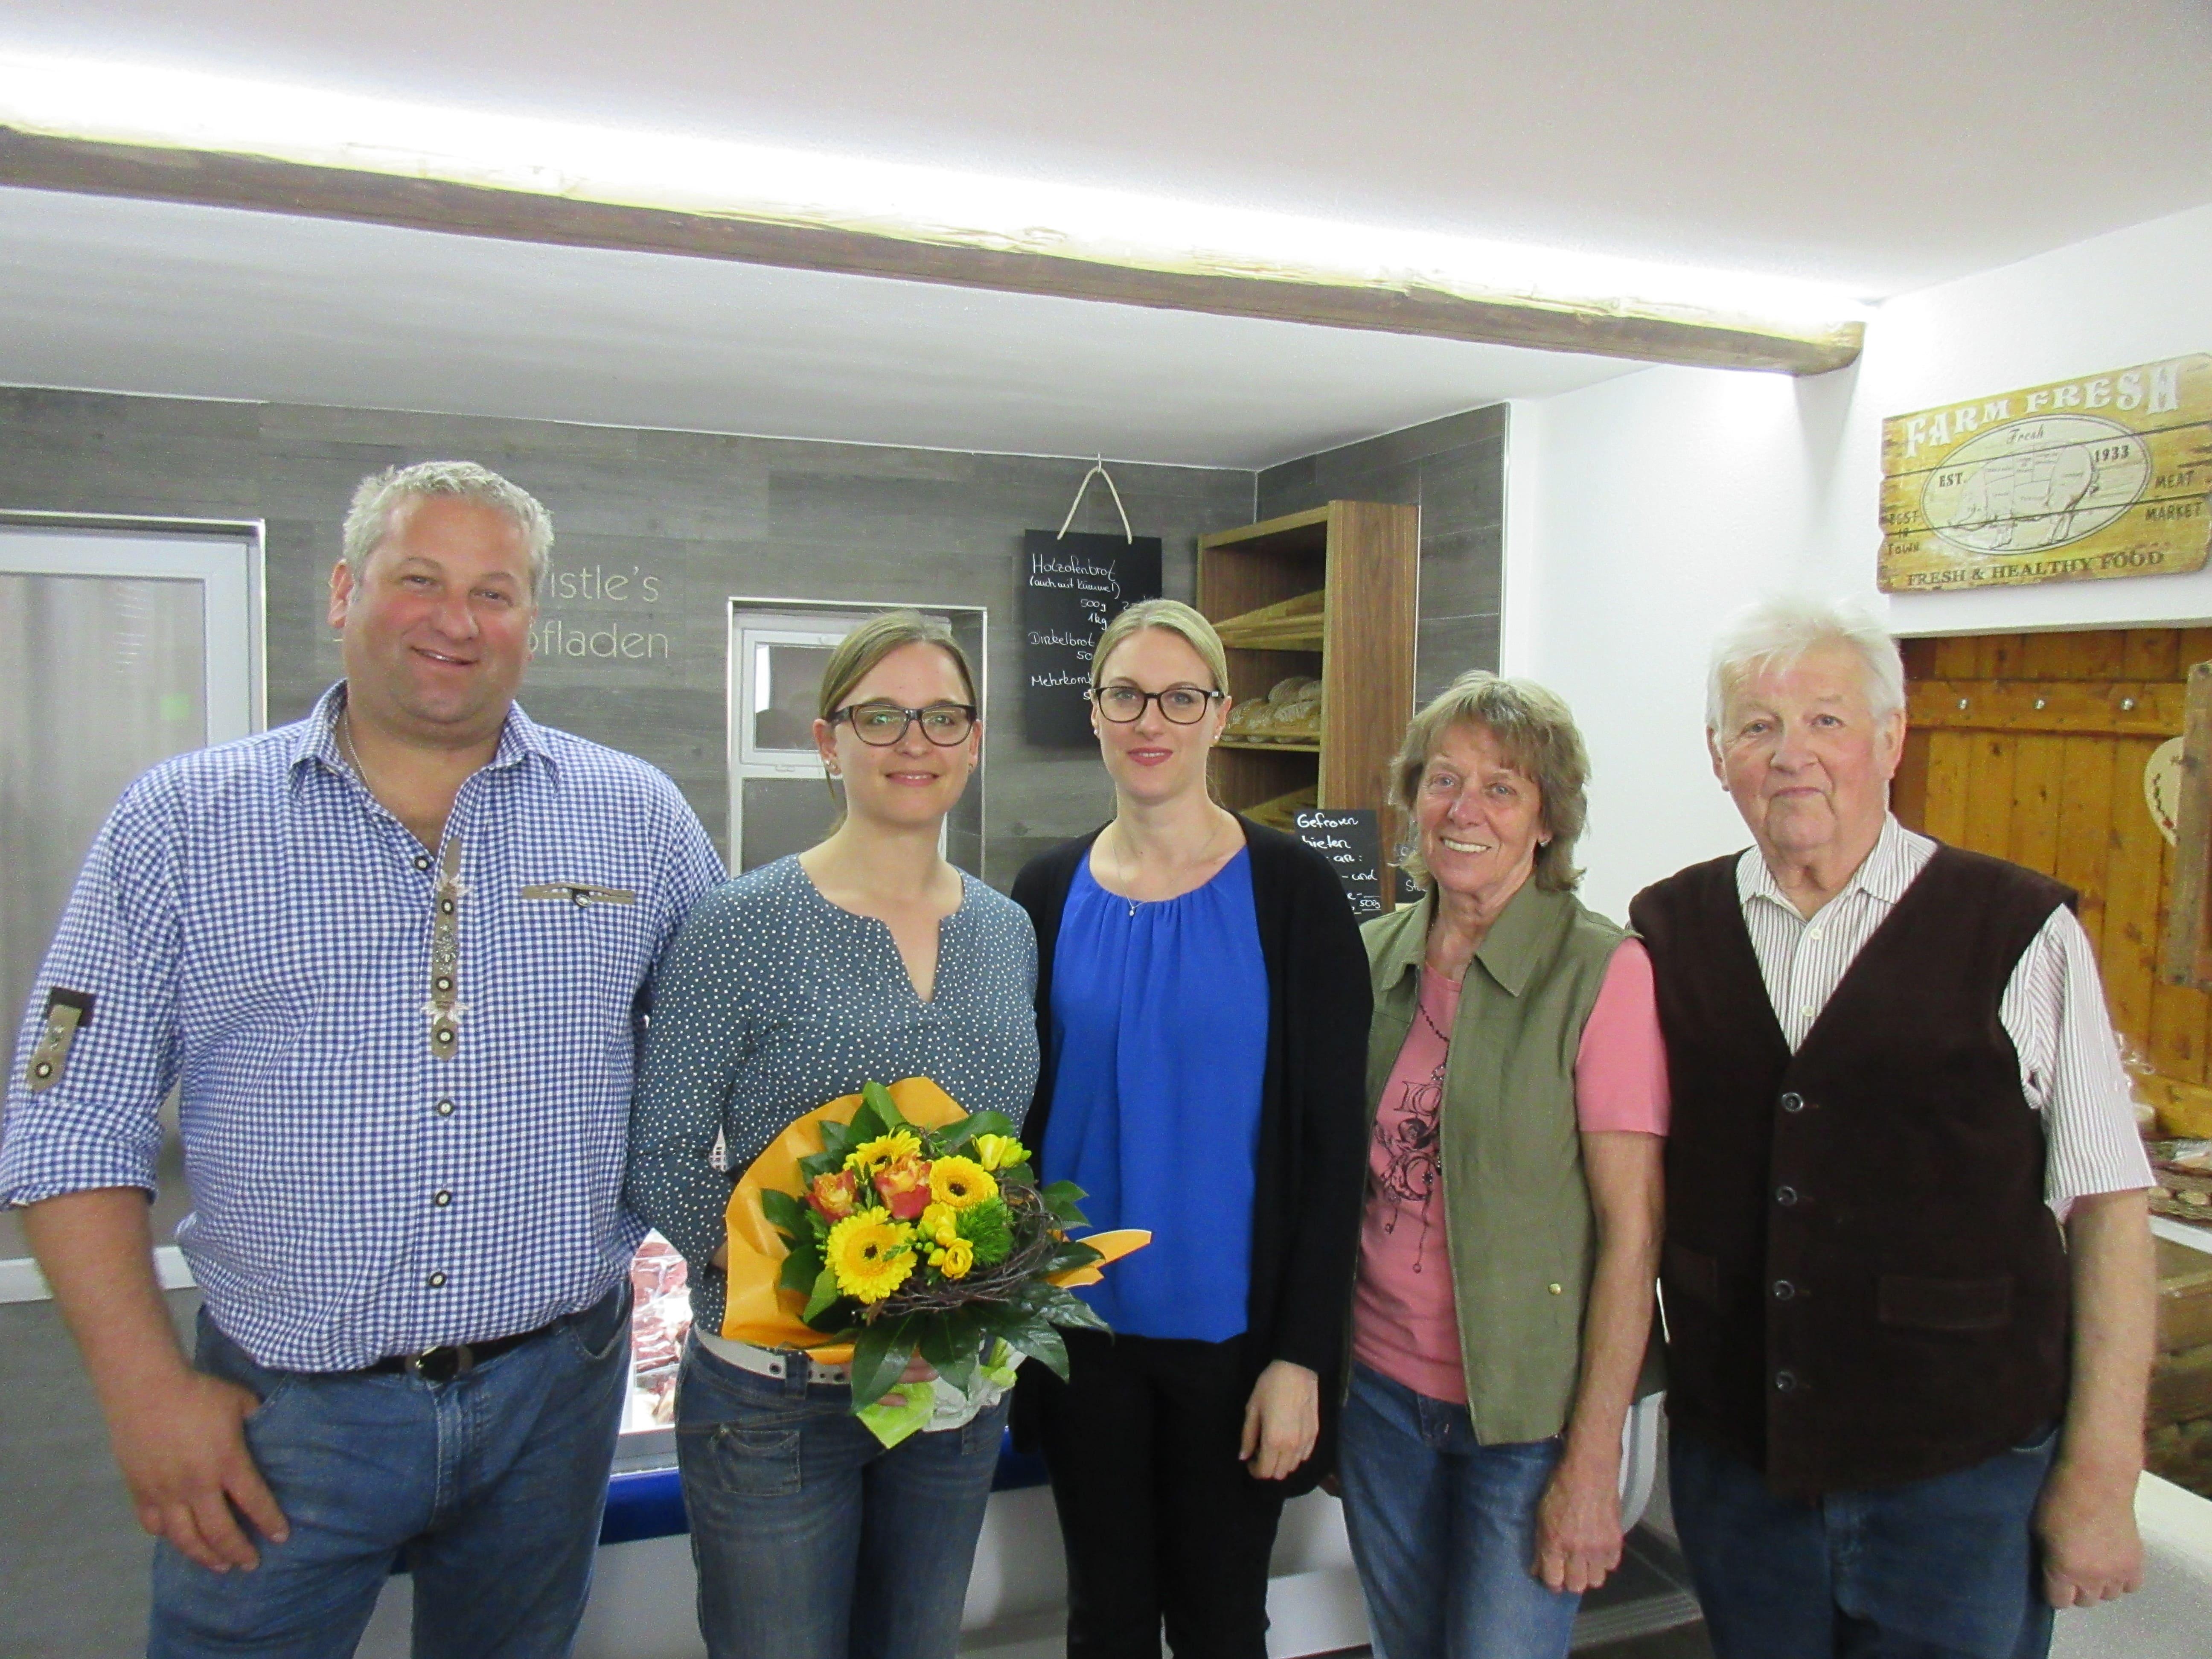 Bürgermeisterin Eisele gratuliert zur Neueröffnung und wünscht einen guten Start